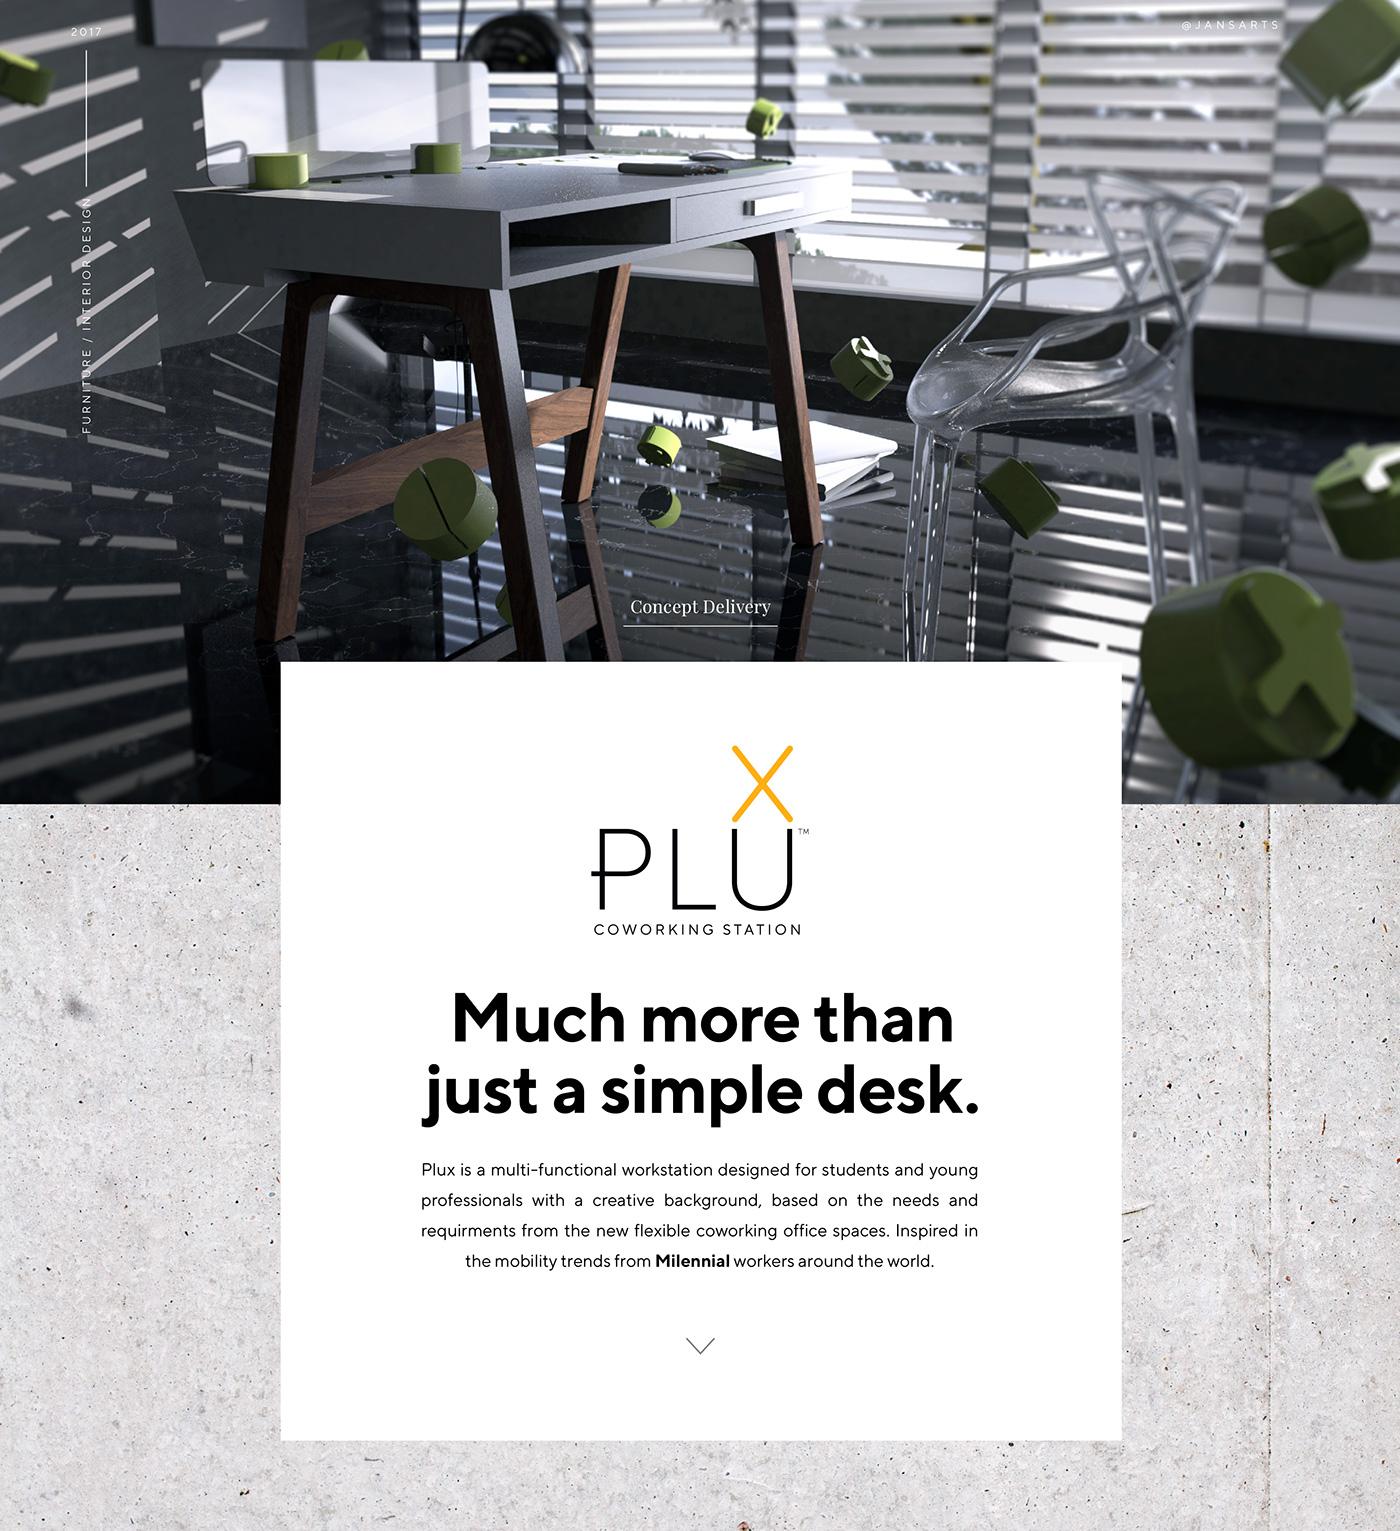 優秀的17張辦公桌設計欣賞